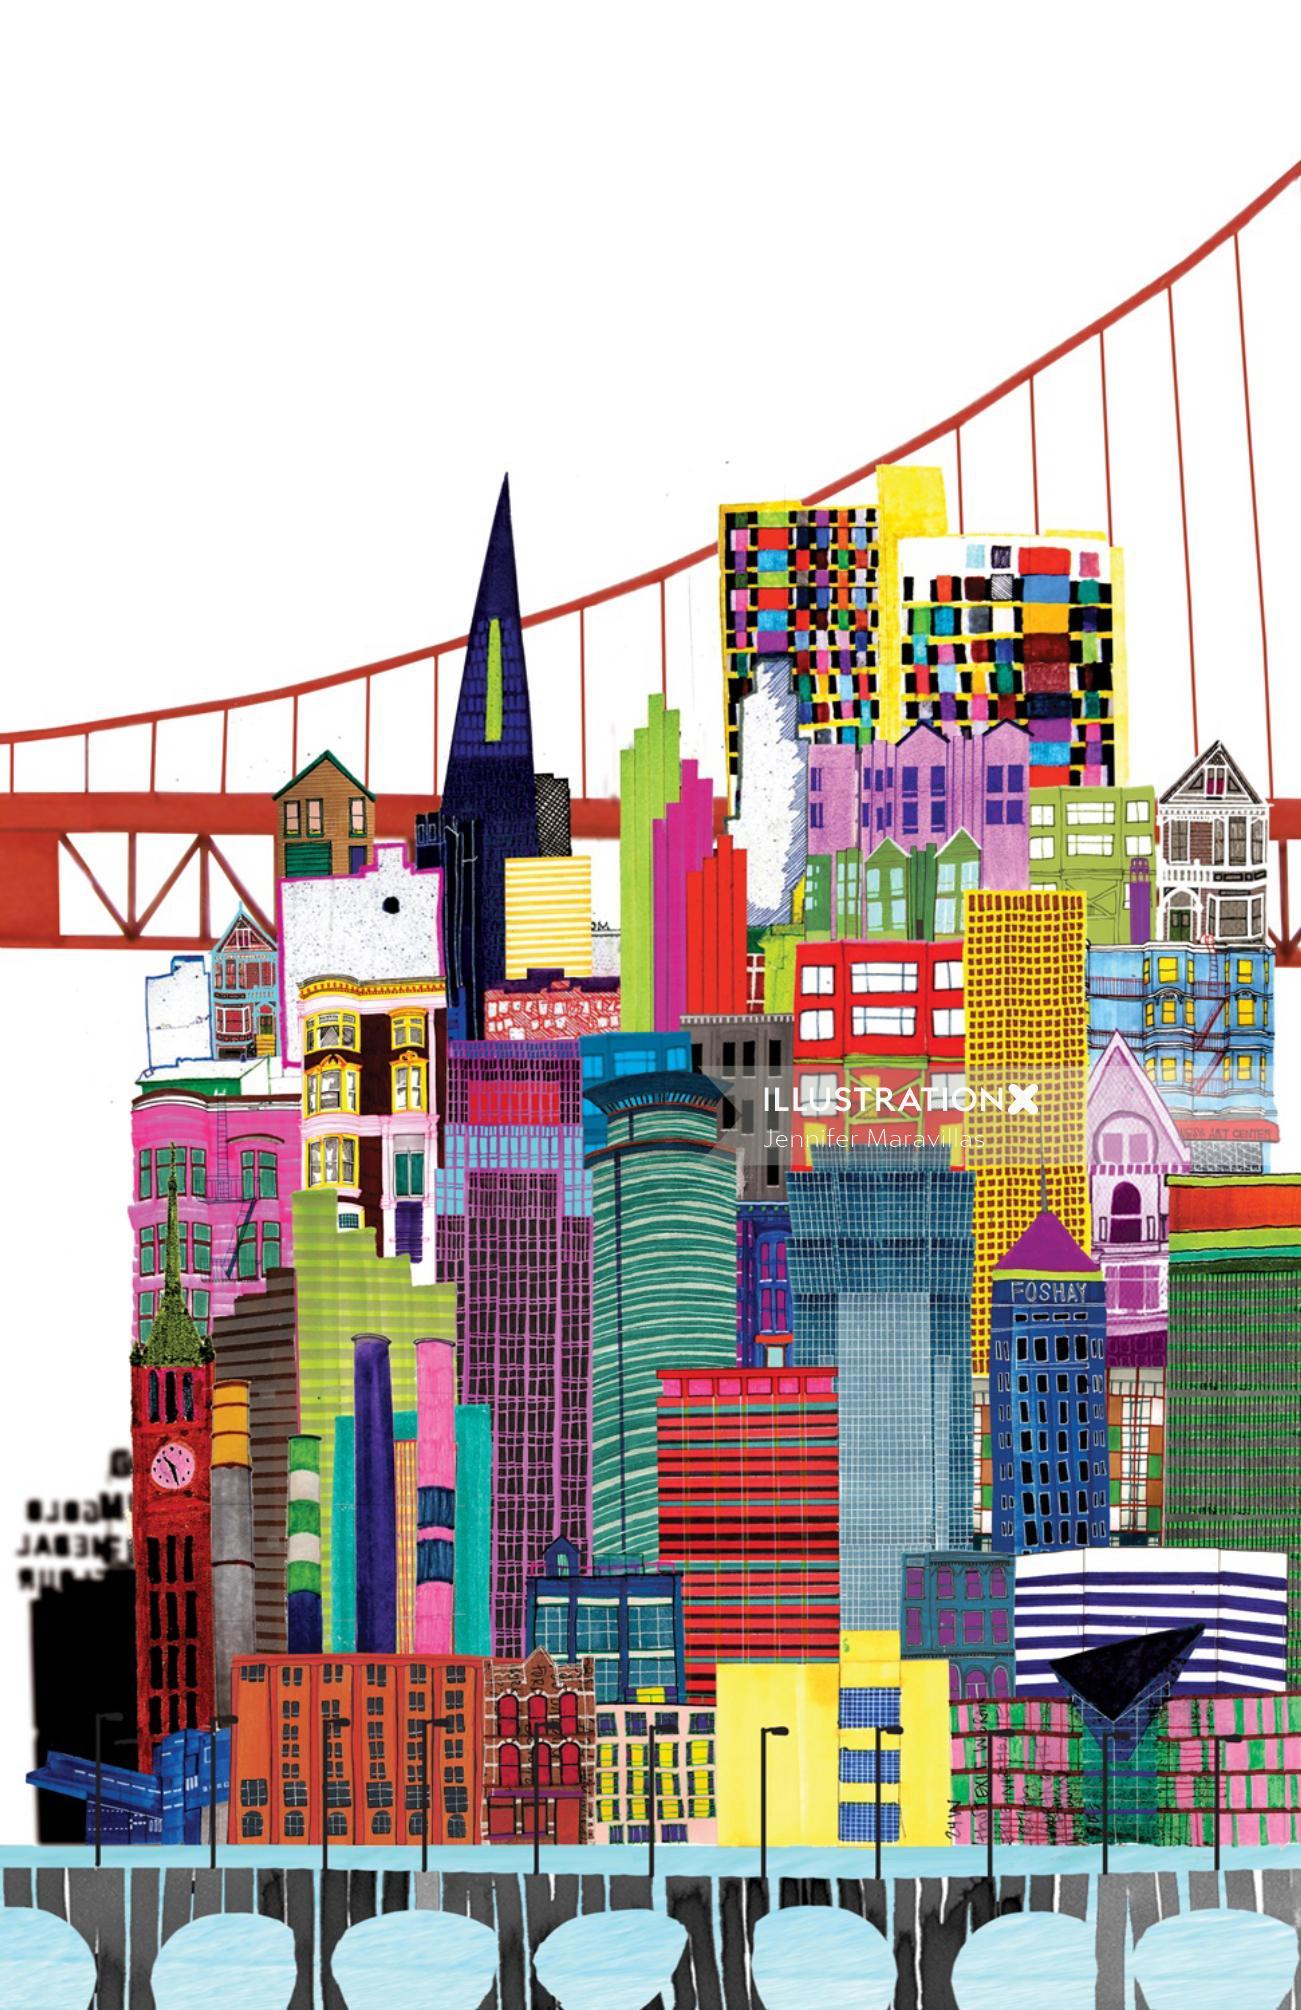 Building illustrations by Jennifer Maravillas